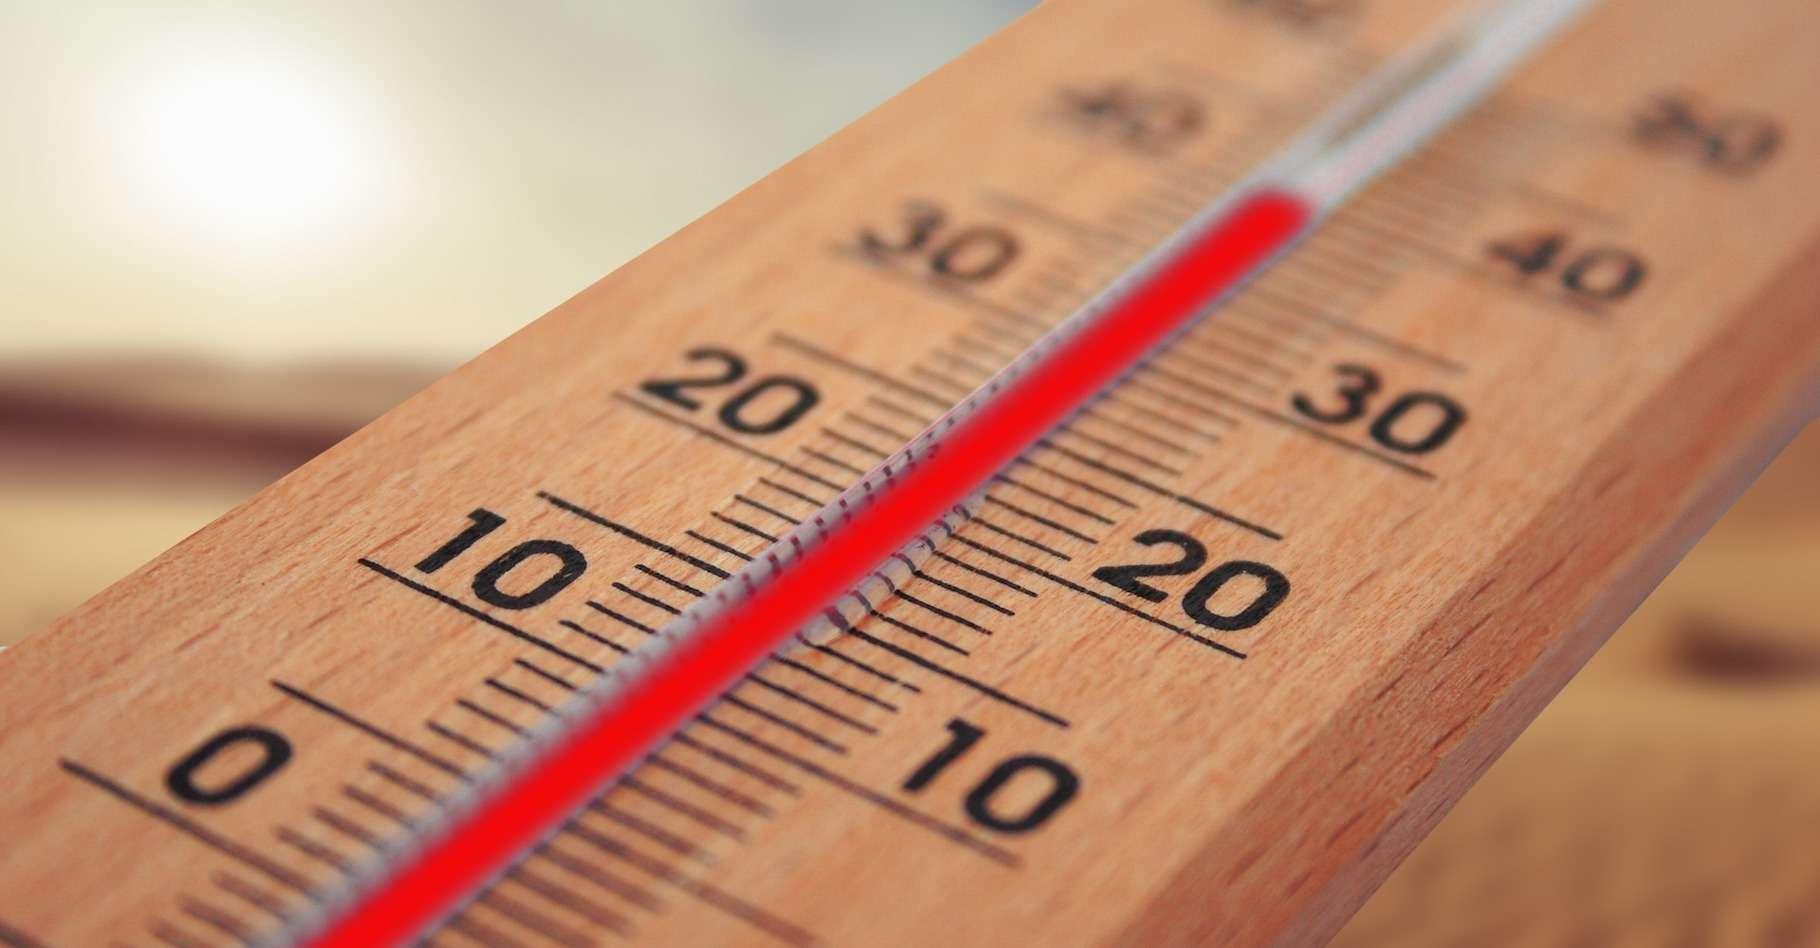 Le mois de septembre 2019 aura été le mois de septembre le plus chaud jamais enregistré. © geralt, Pixabay License